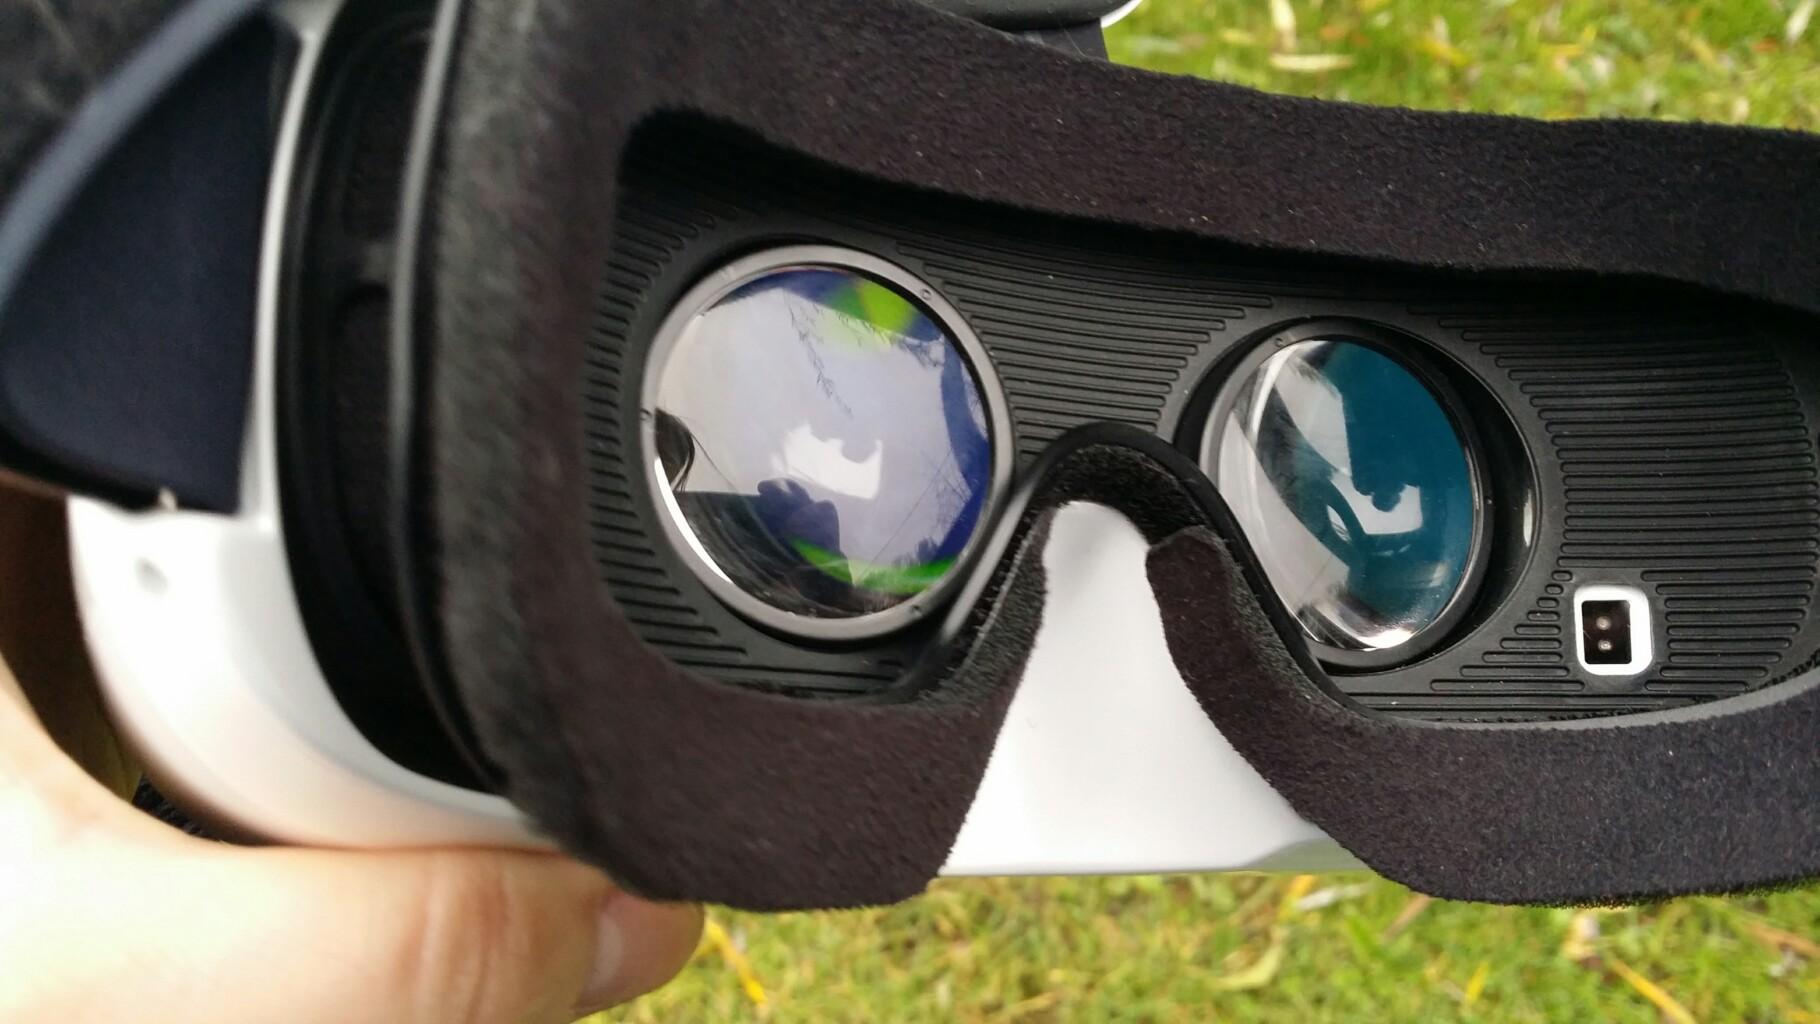 Samsung Gear VR jest świetny, problem w tym że nie mogę z niego korzystać